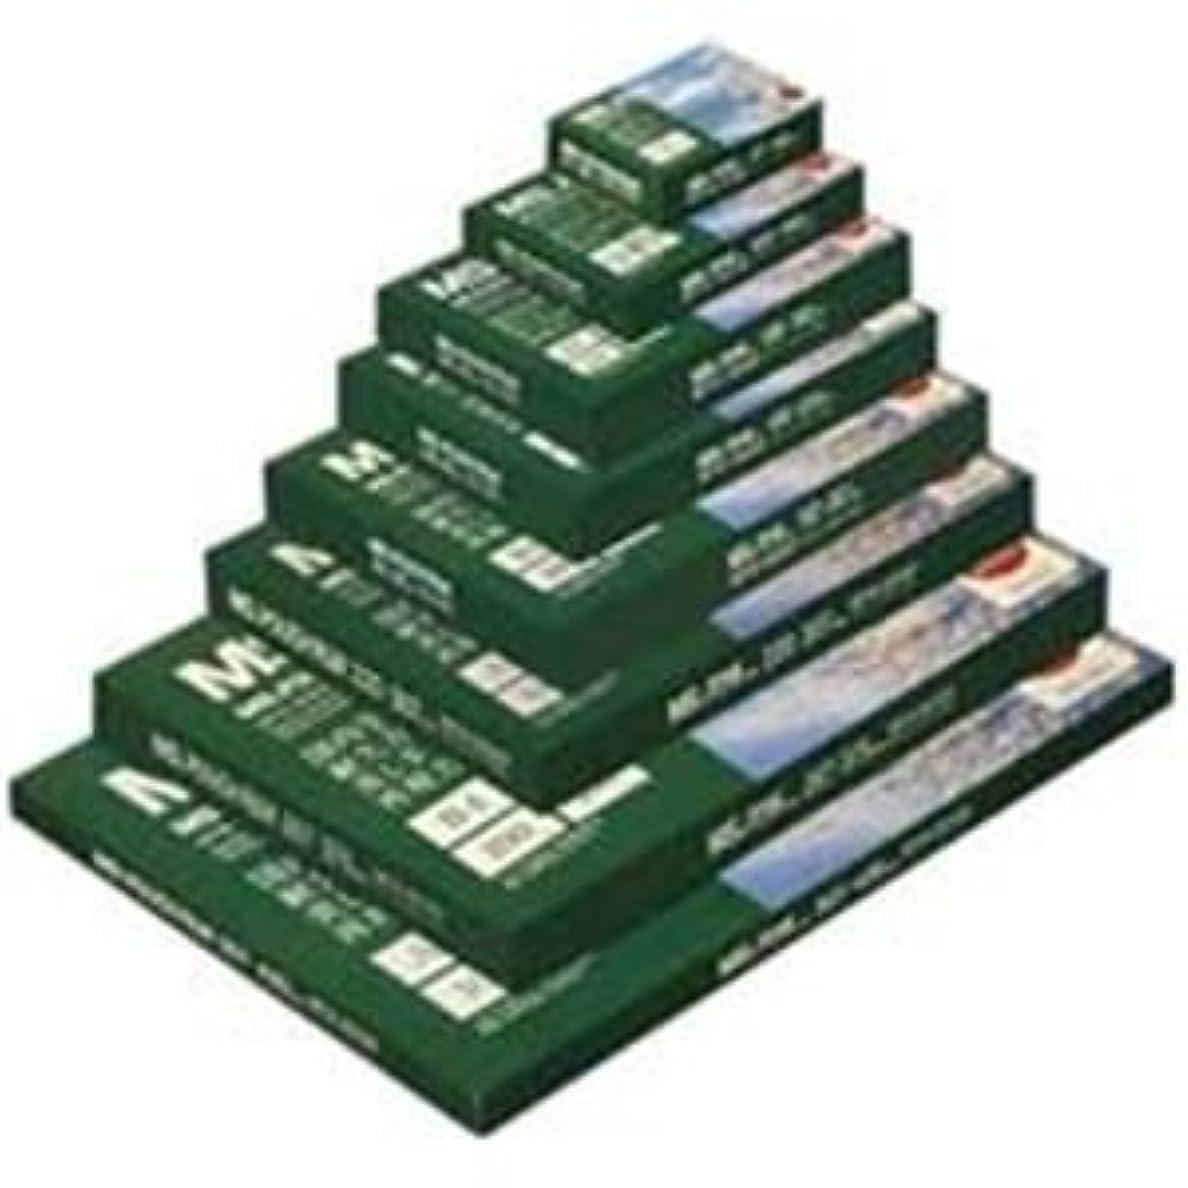 ゴールド非効率的な用心深い明光商会 パウチフィルム/オフィス文具用品 MP10-267375 B4 100枚 〈簡易梱包